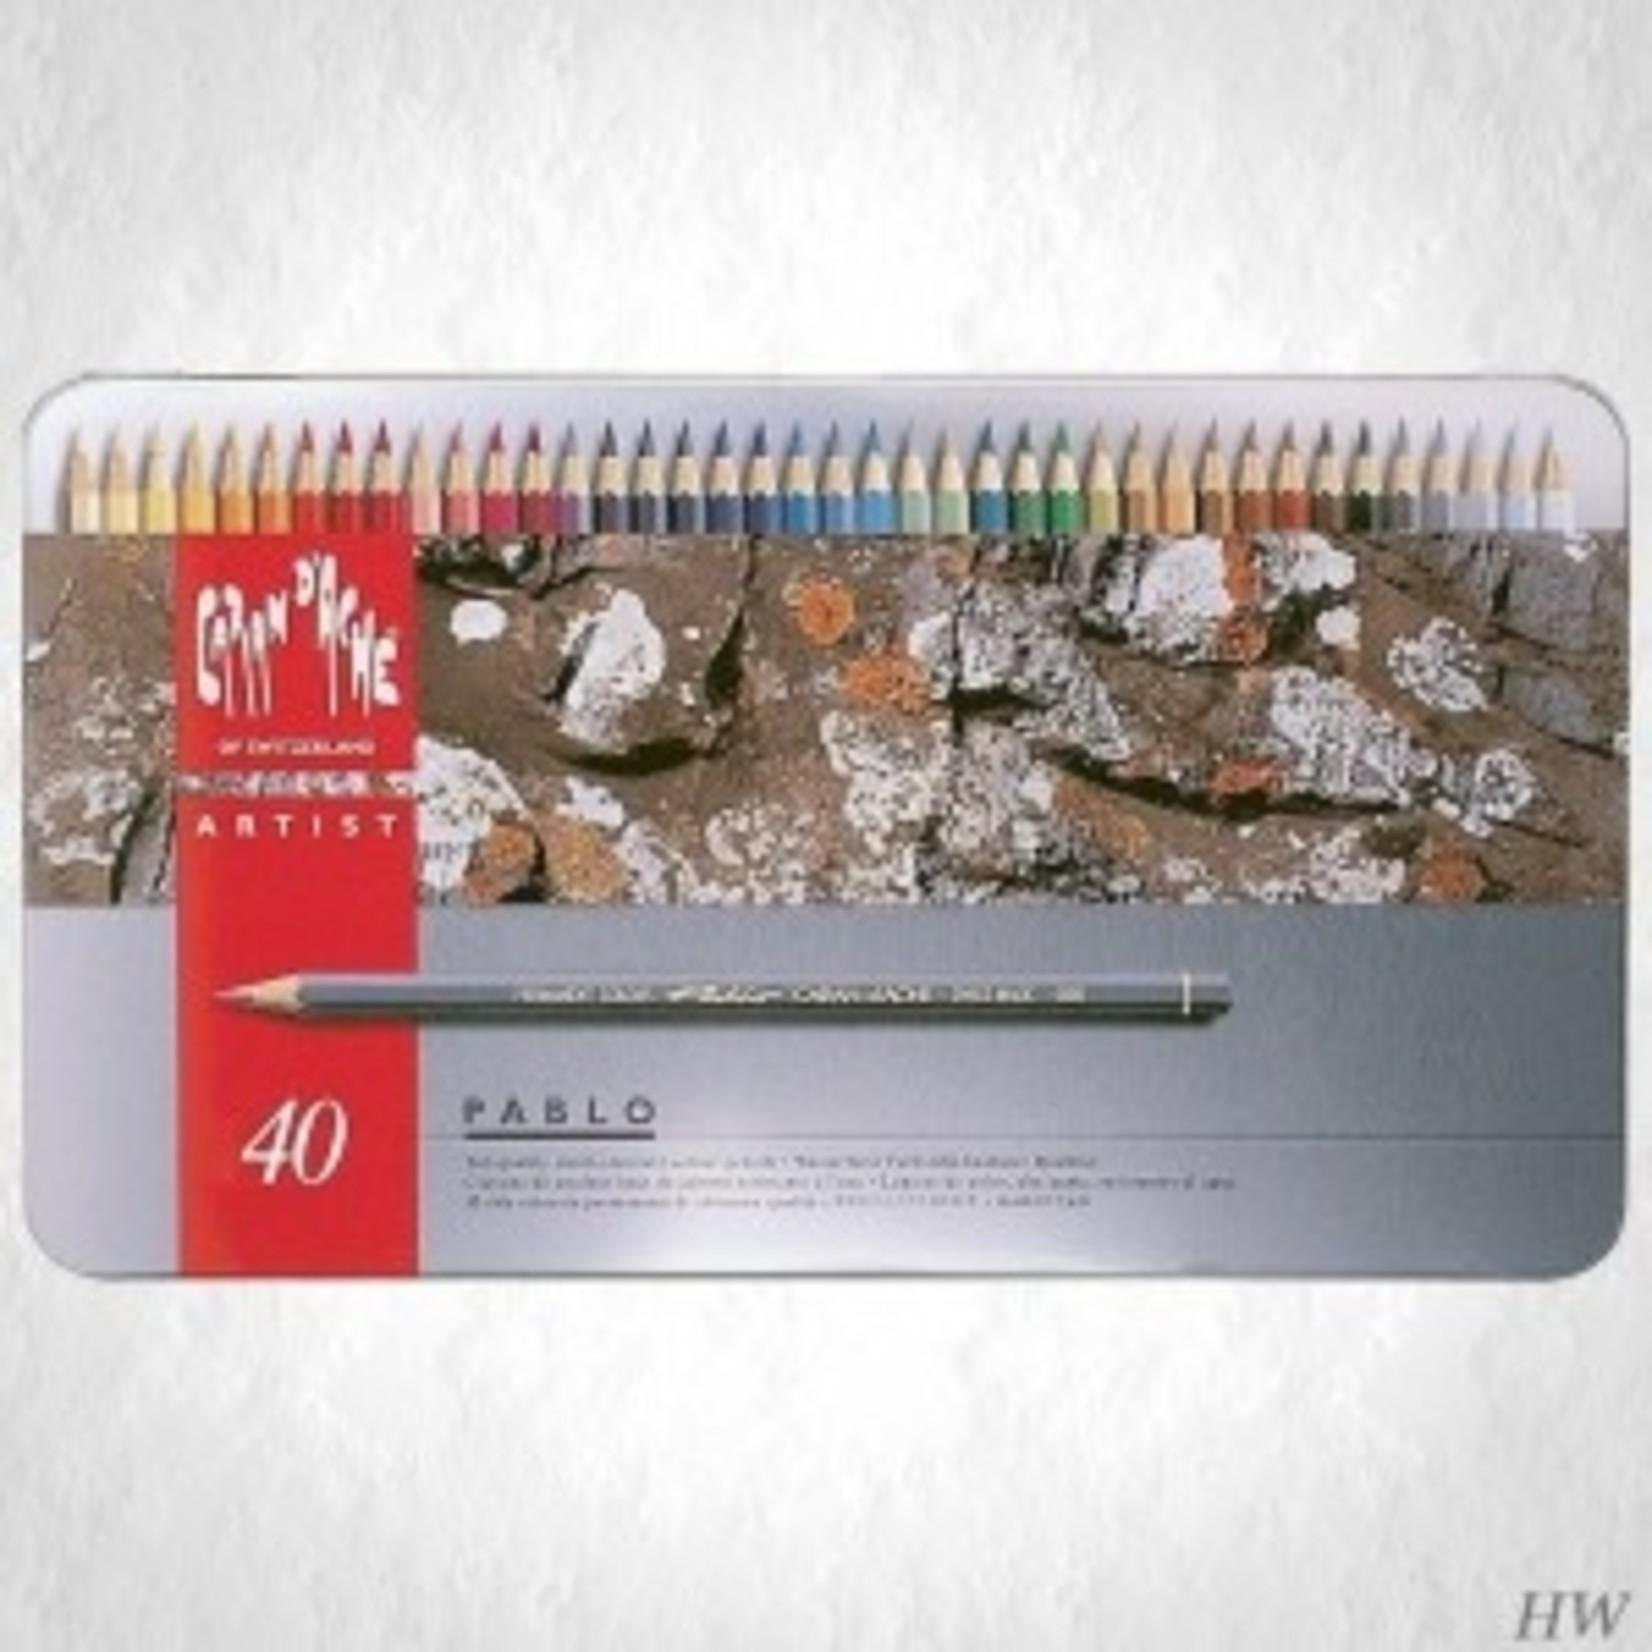 Caran d'Ache Farbstifte PABLO Metallschacht 40 Stück